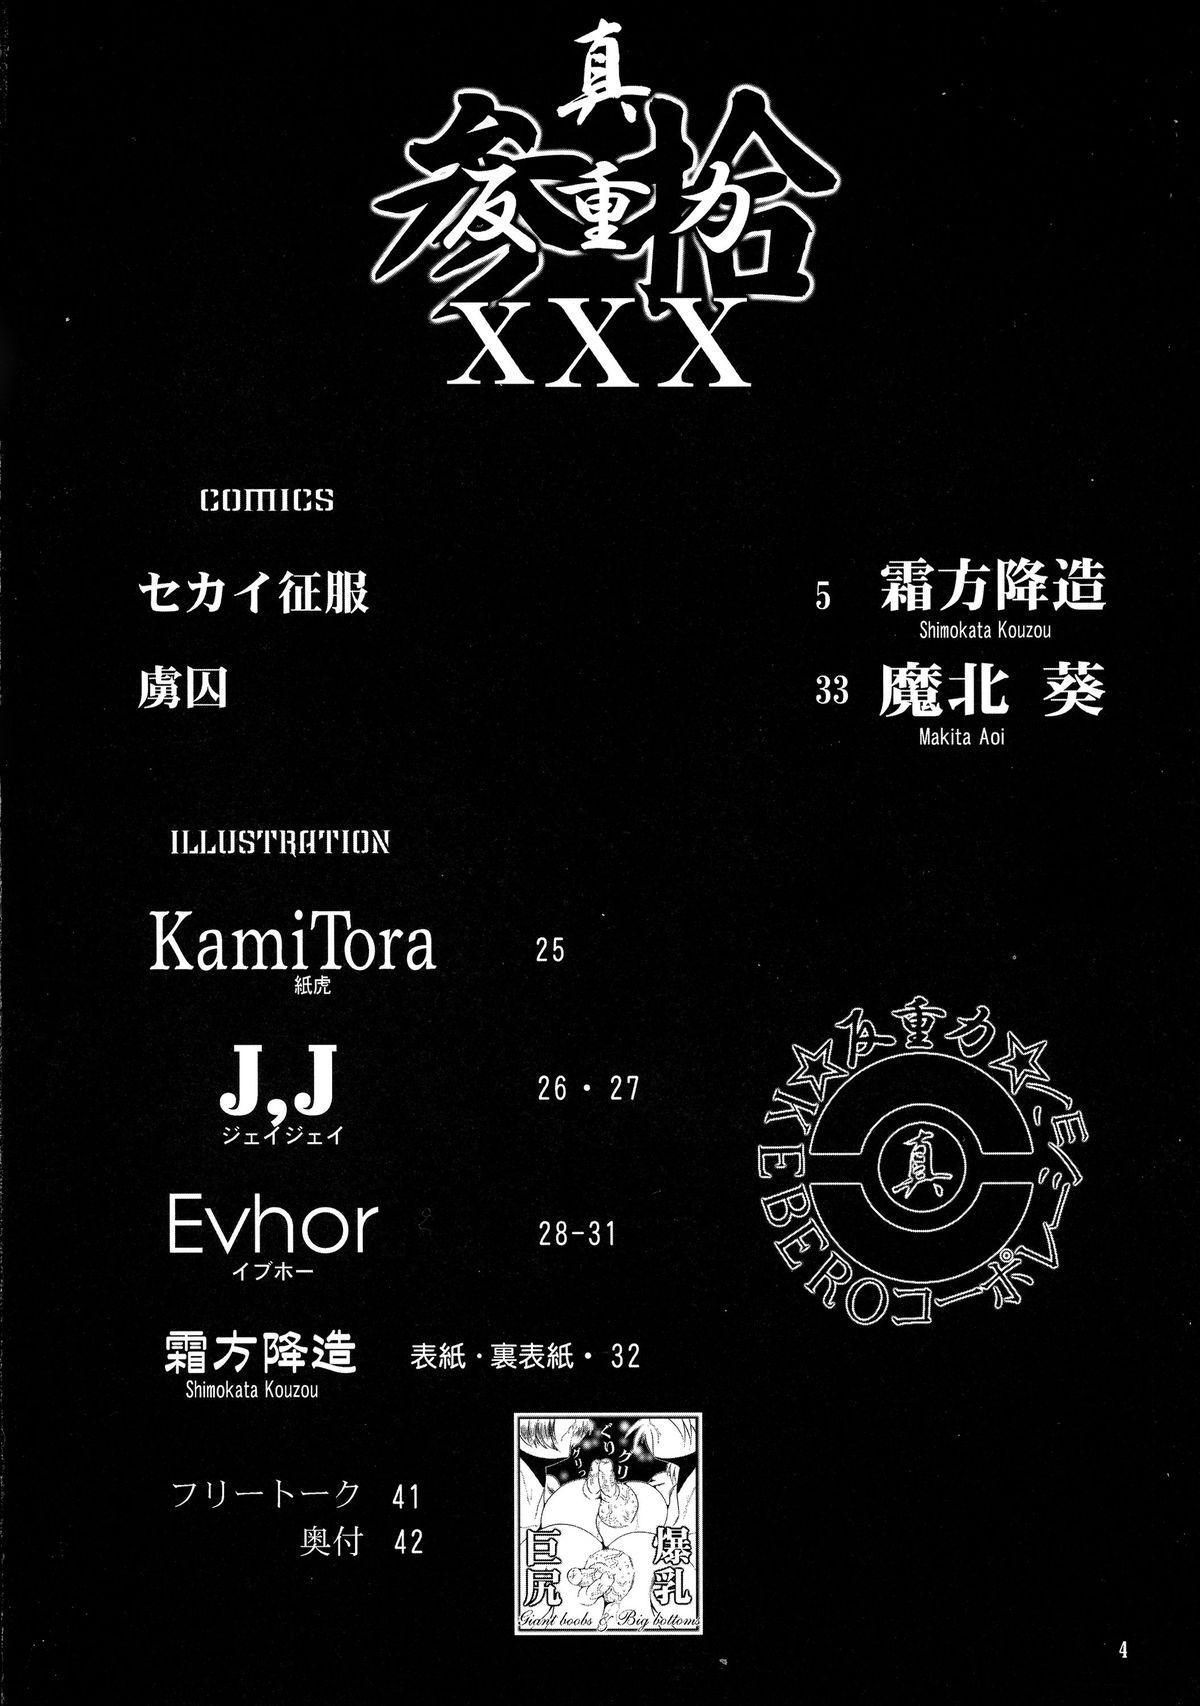 Shin Hanzuuryoku XXX 4